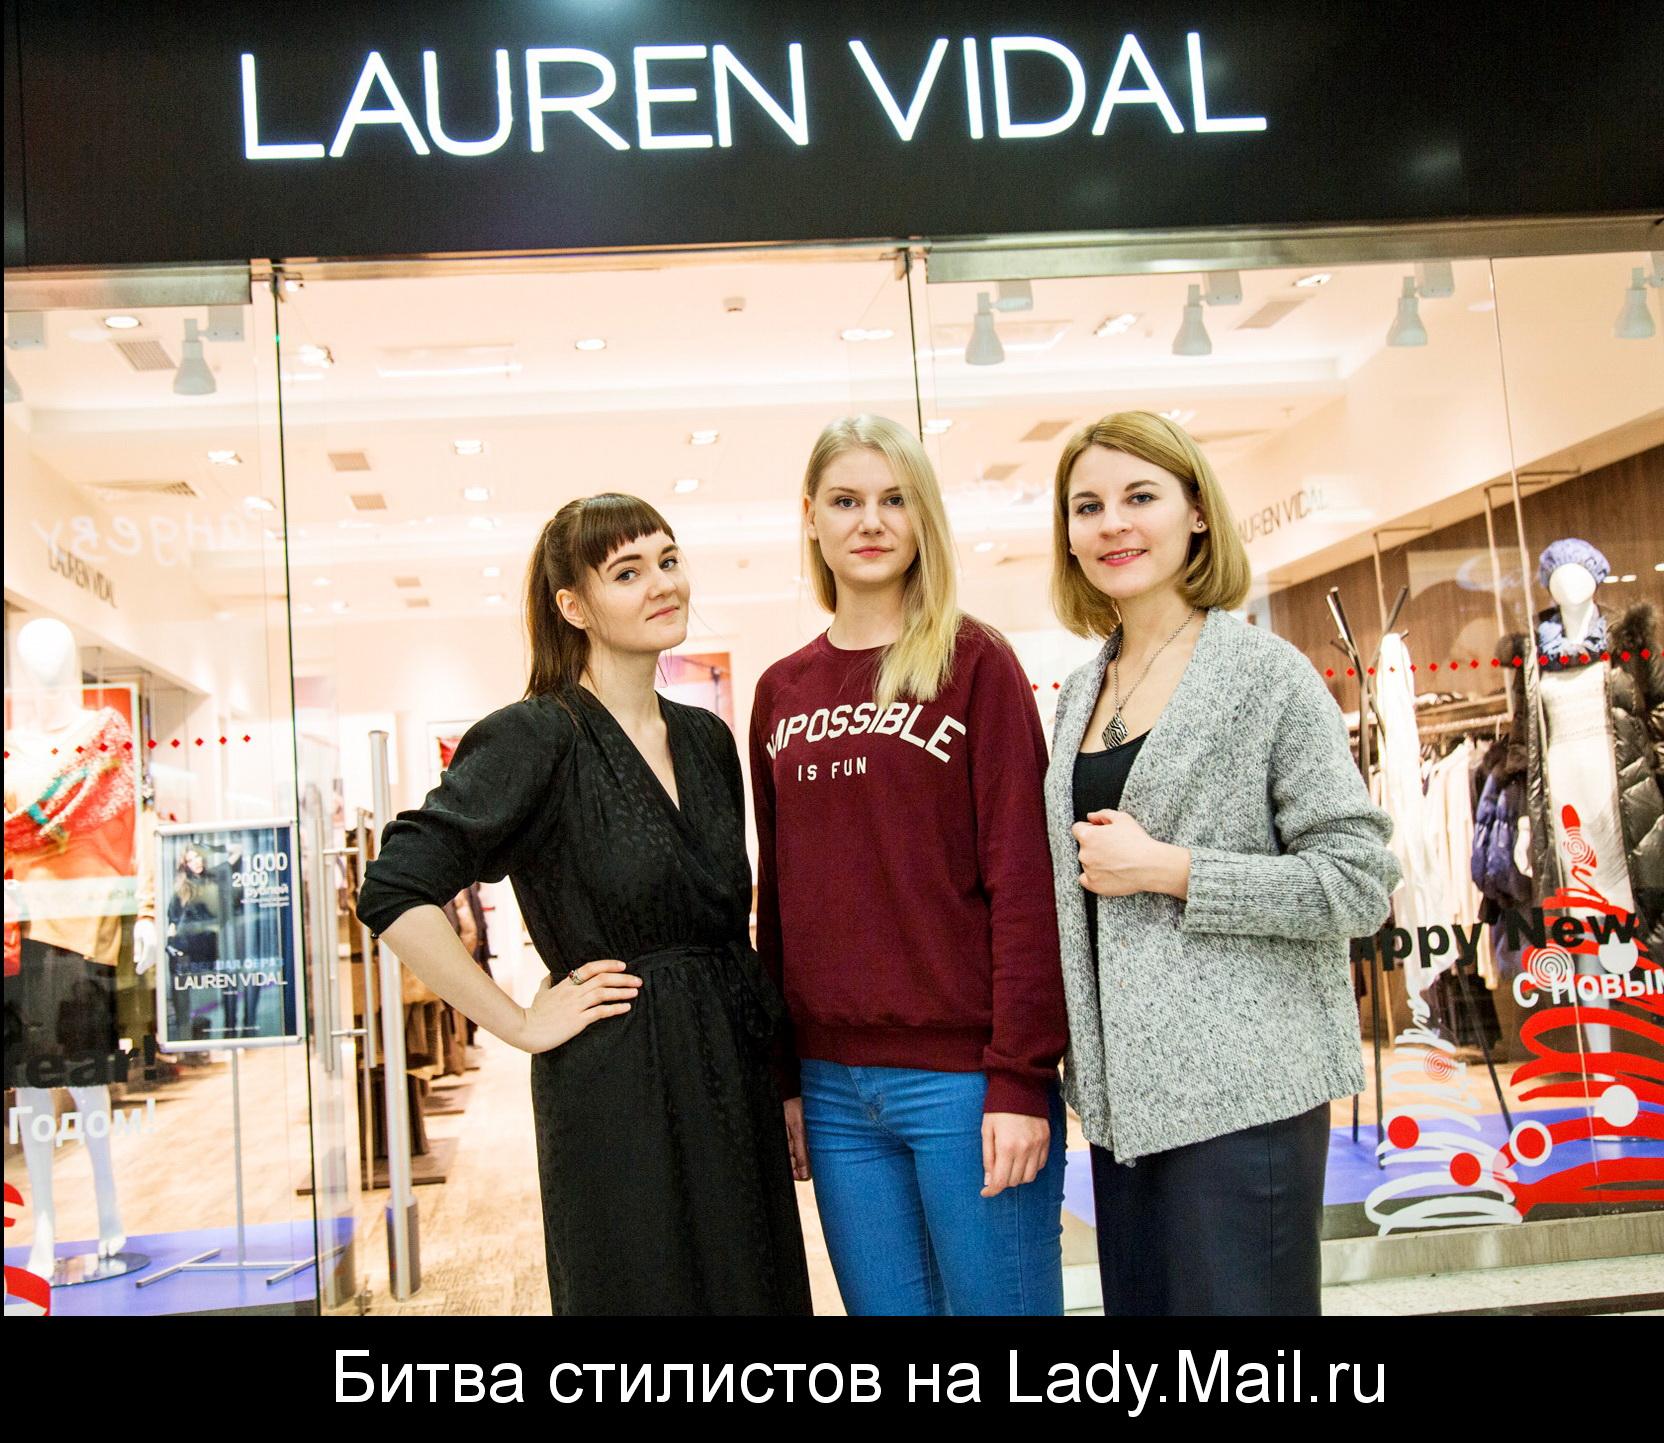 Битва стилистов на Lady.Mail.ru